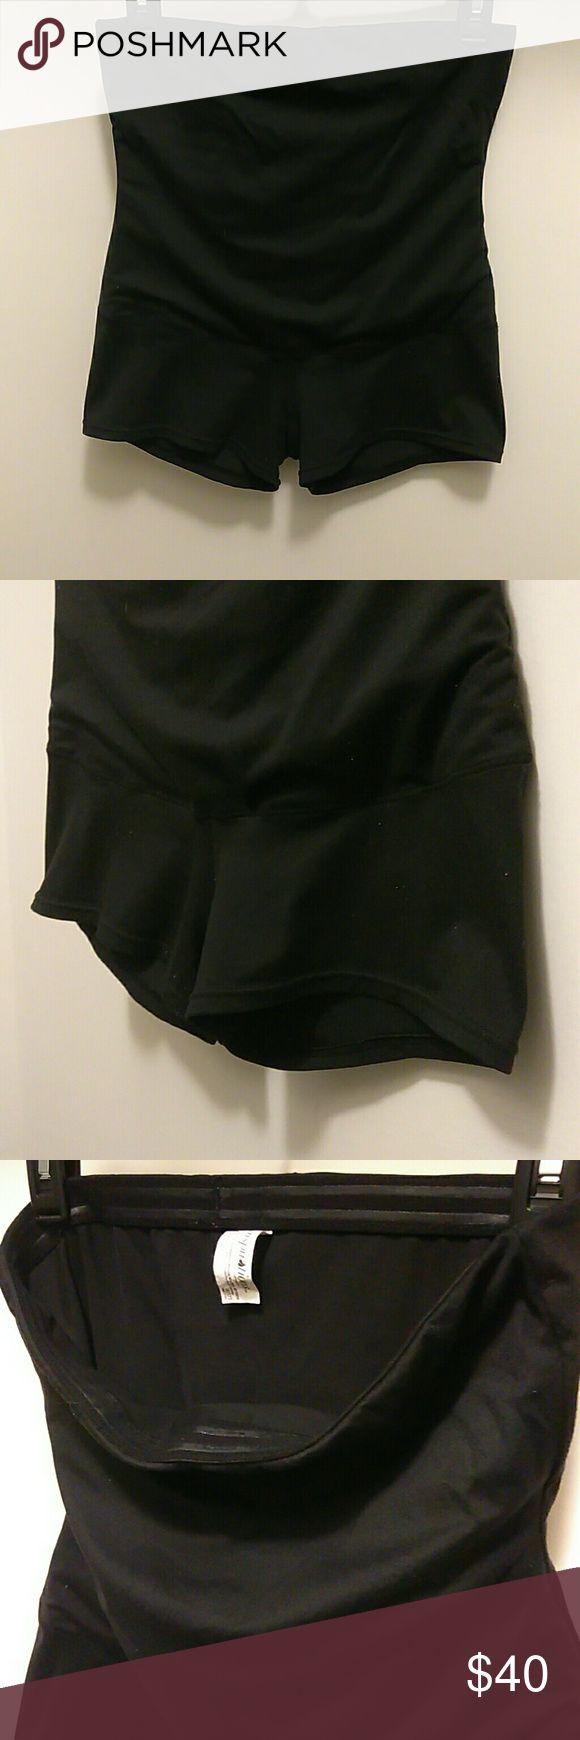 Maidenform Strapless Bodysuit ShapeWear Sz XL Maidenform Strapless Bodysuit ShapeWear Sz XL Maidenform Intimates & Sleepwear Shapewear